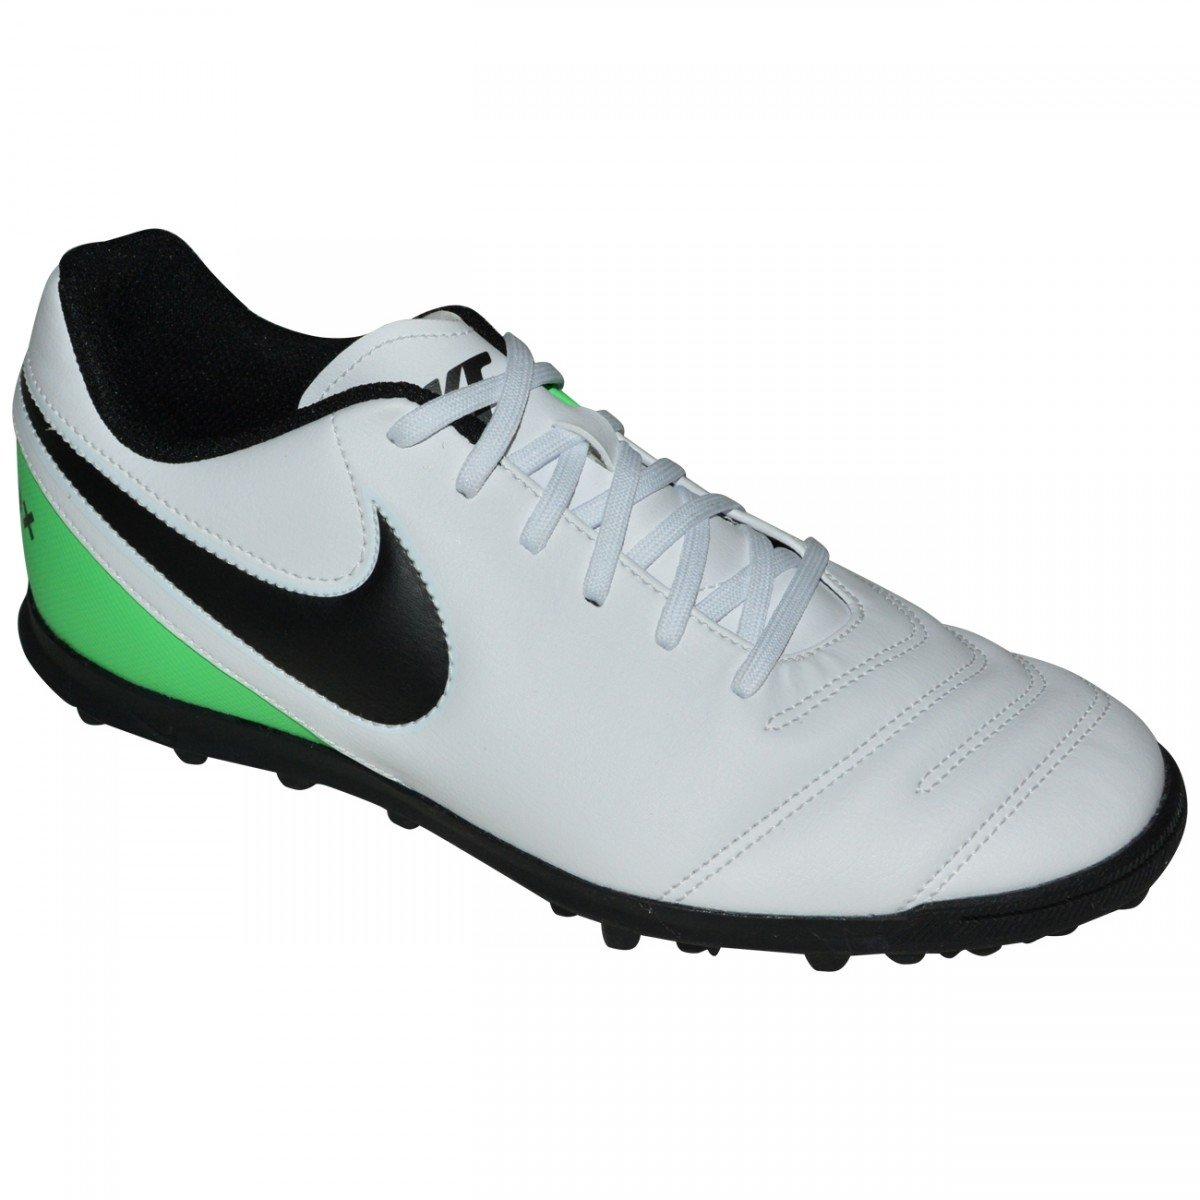 Chuteira Society Nike Tiempox Rio III - Compre Agora  6cbbbc2a7089c